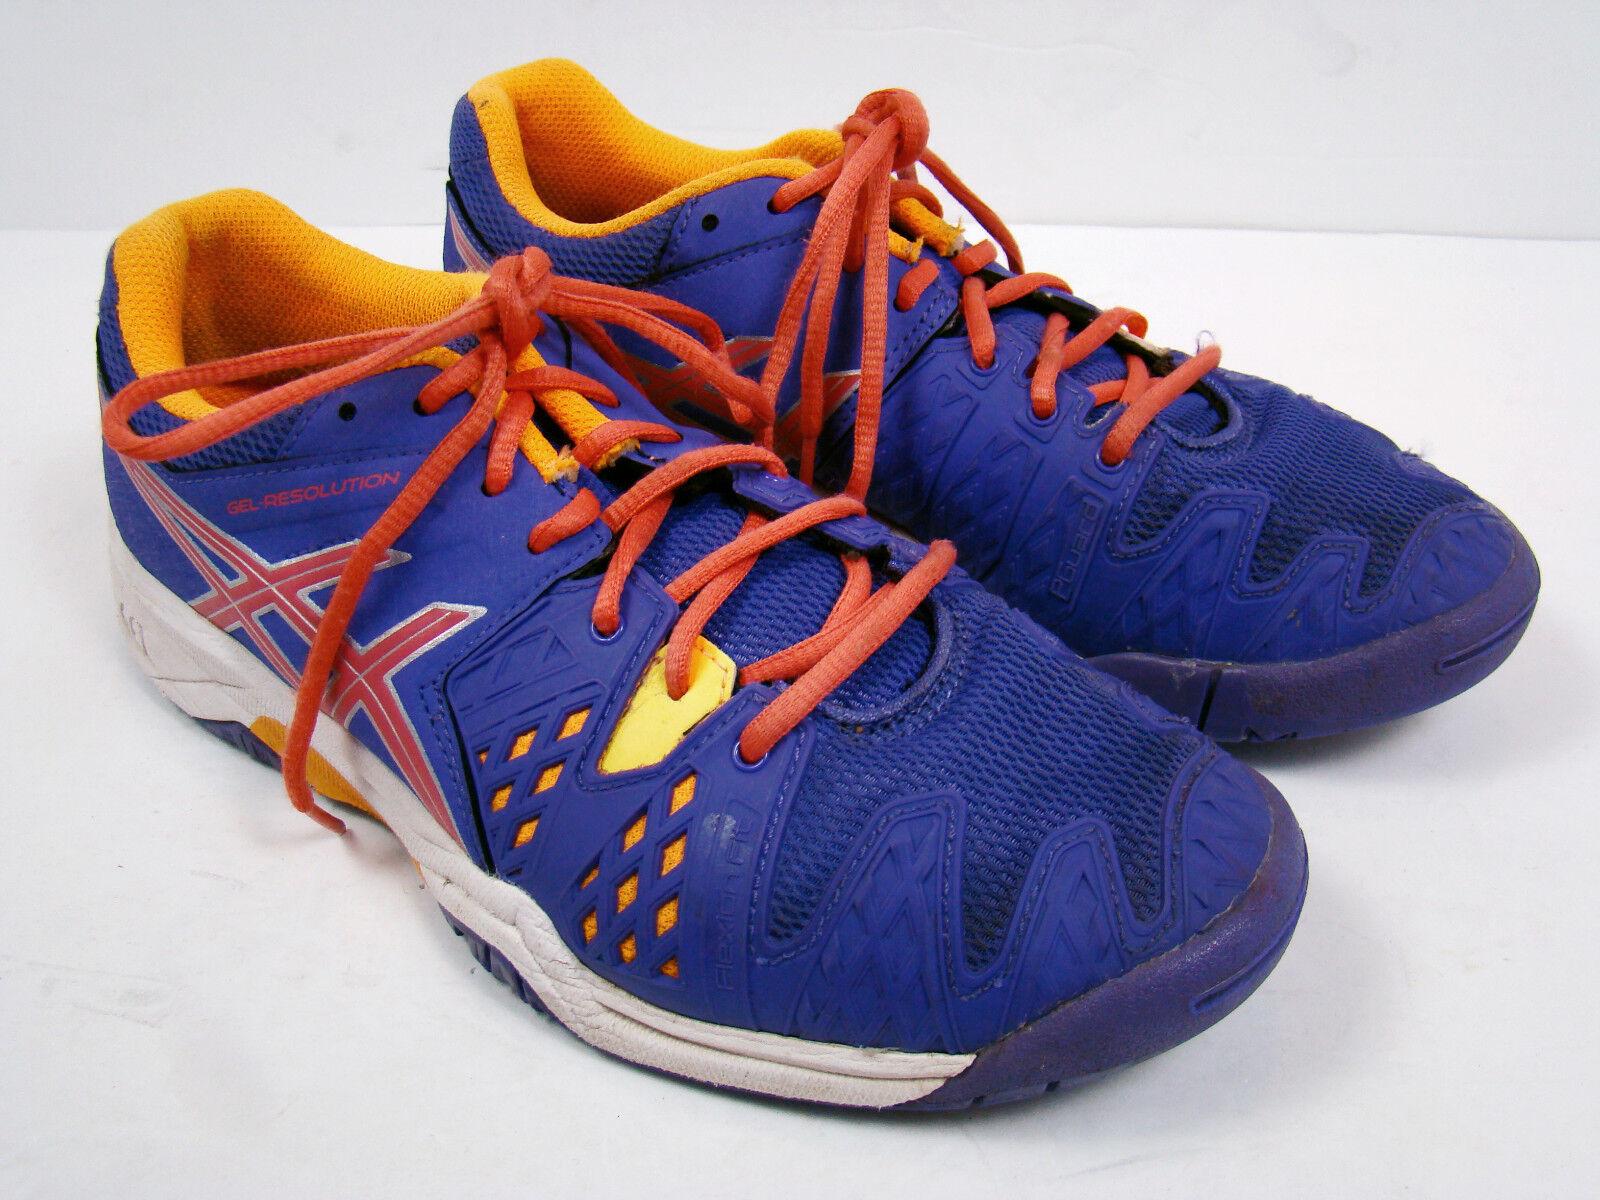 Le ragazze di donne gel soluzione 6 scarpe da da da tennis scarpe viola arancia dimensioni 5   Eleganti    Scolaro/Signora Scarpa  9de7ff